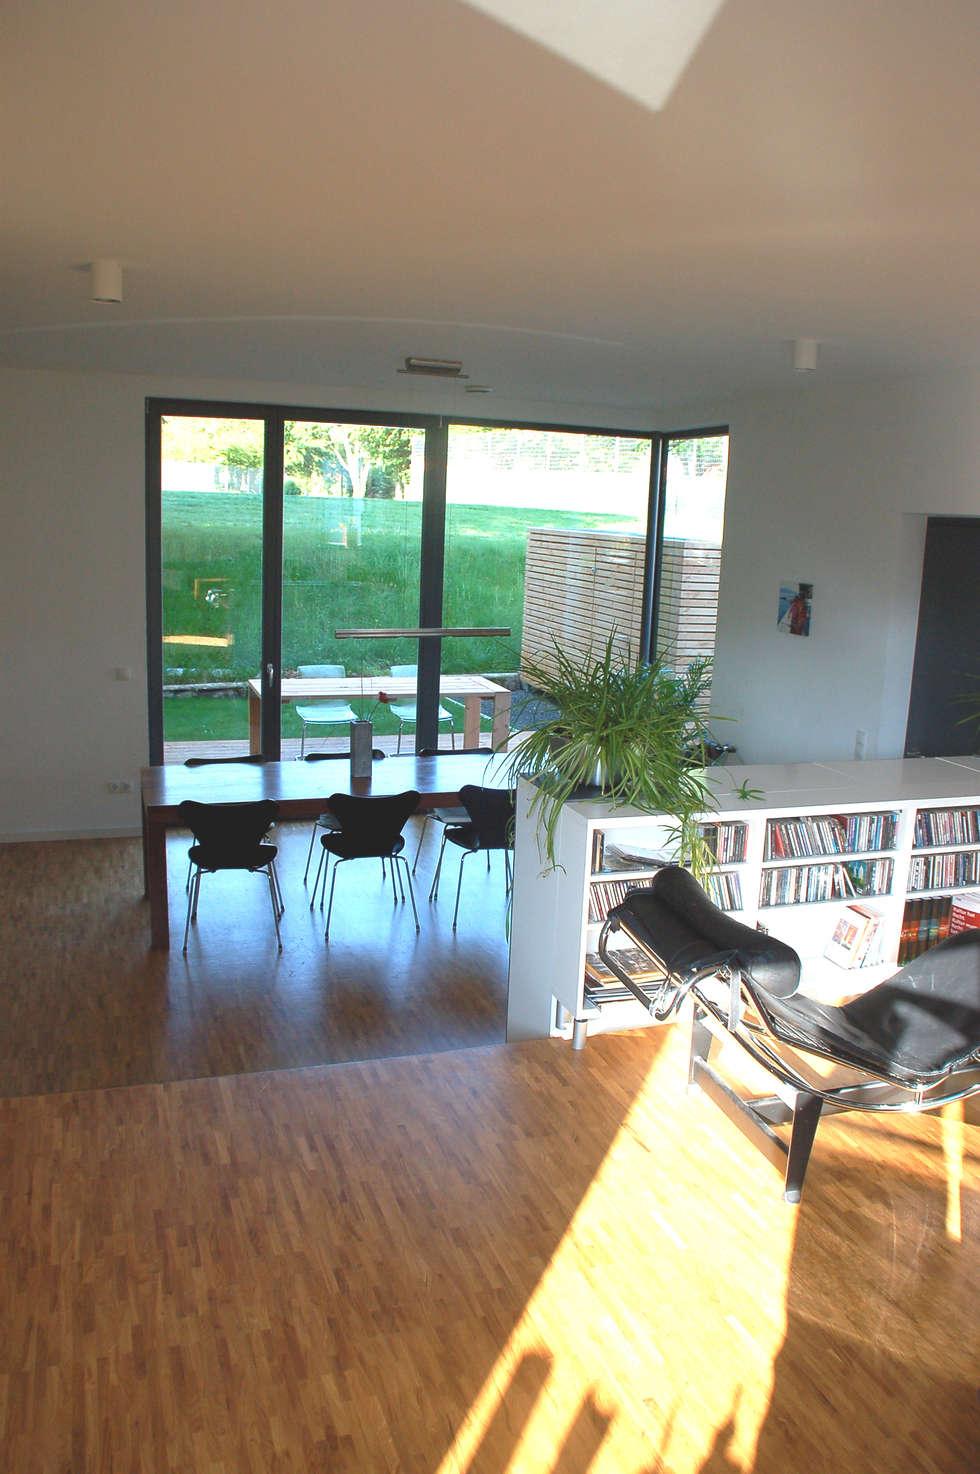 Doppelhaus klein grün: moderne wohnzimmer von mbpk architekten ...